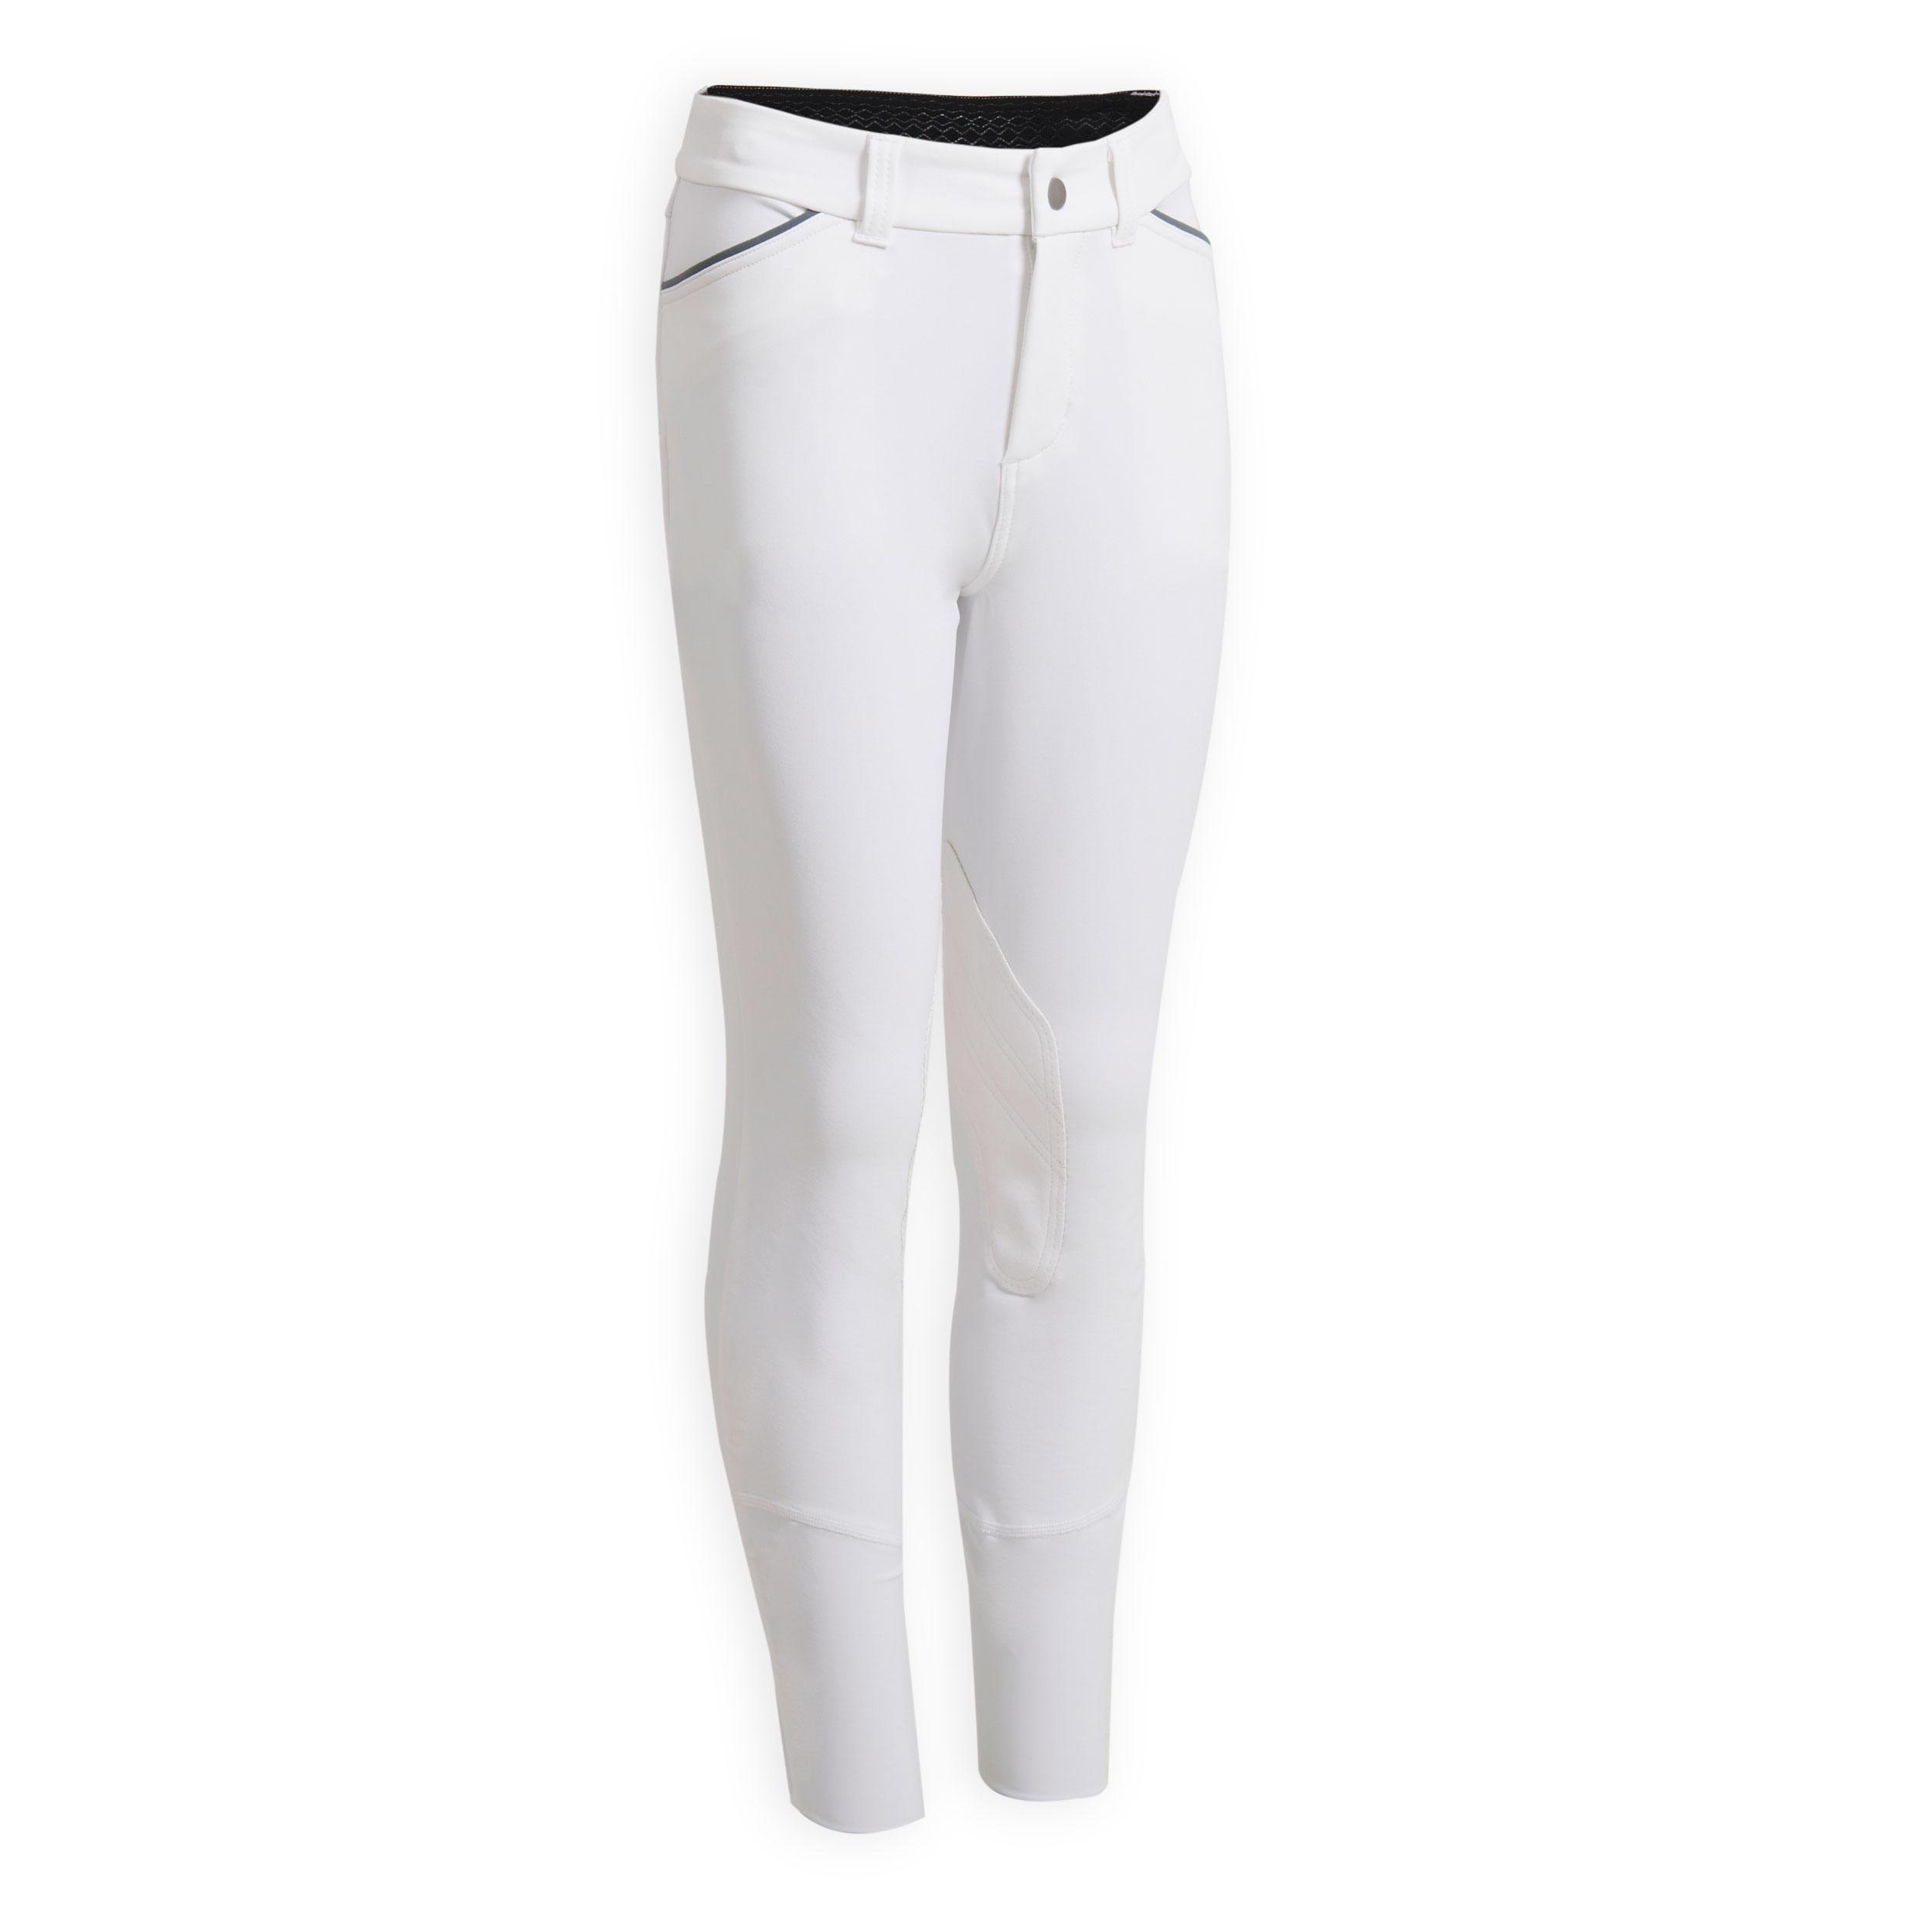 Pantalon BR500 Copii imagine